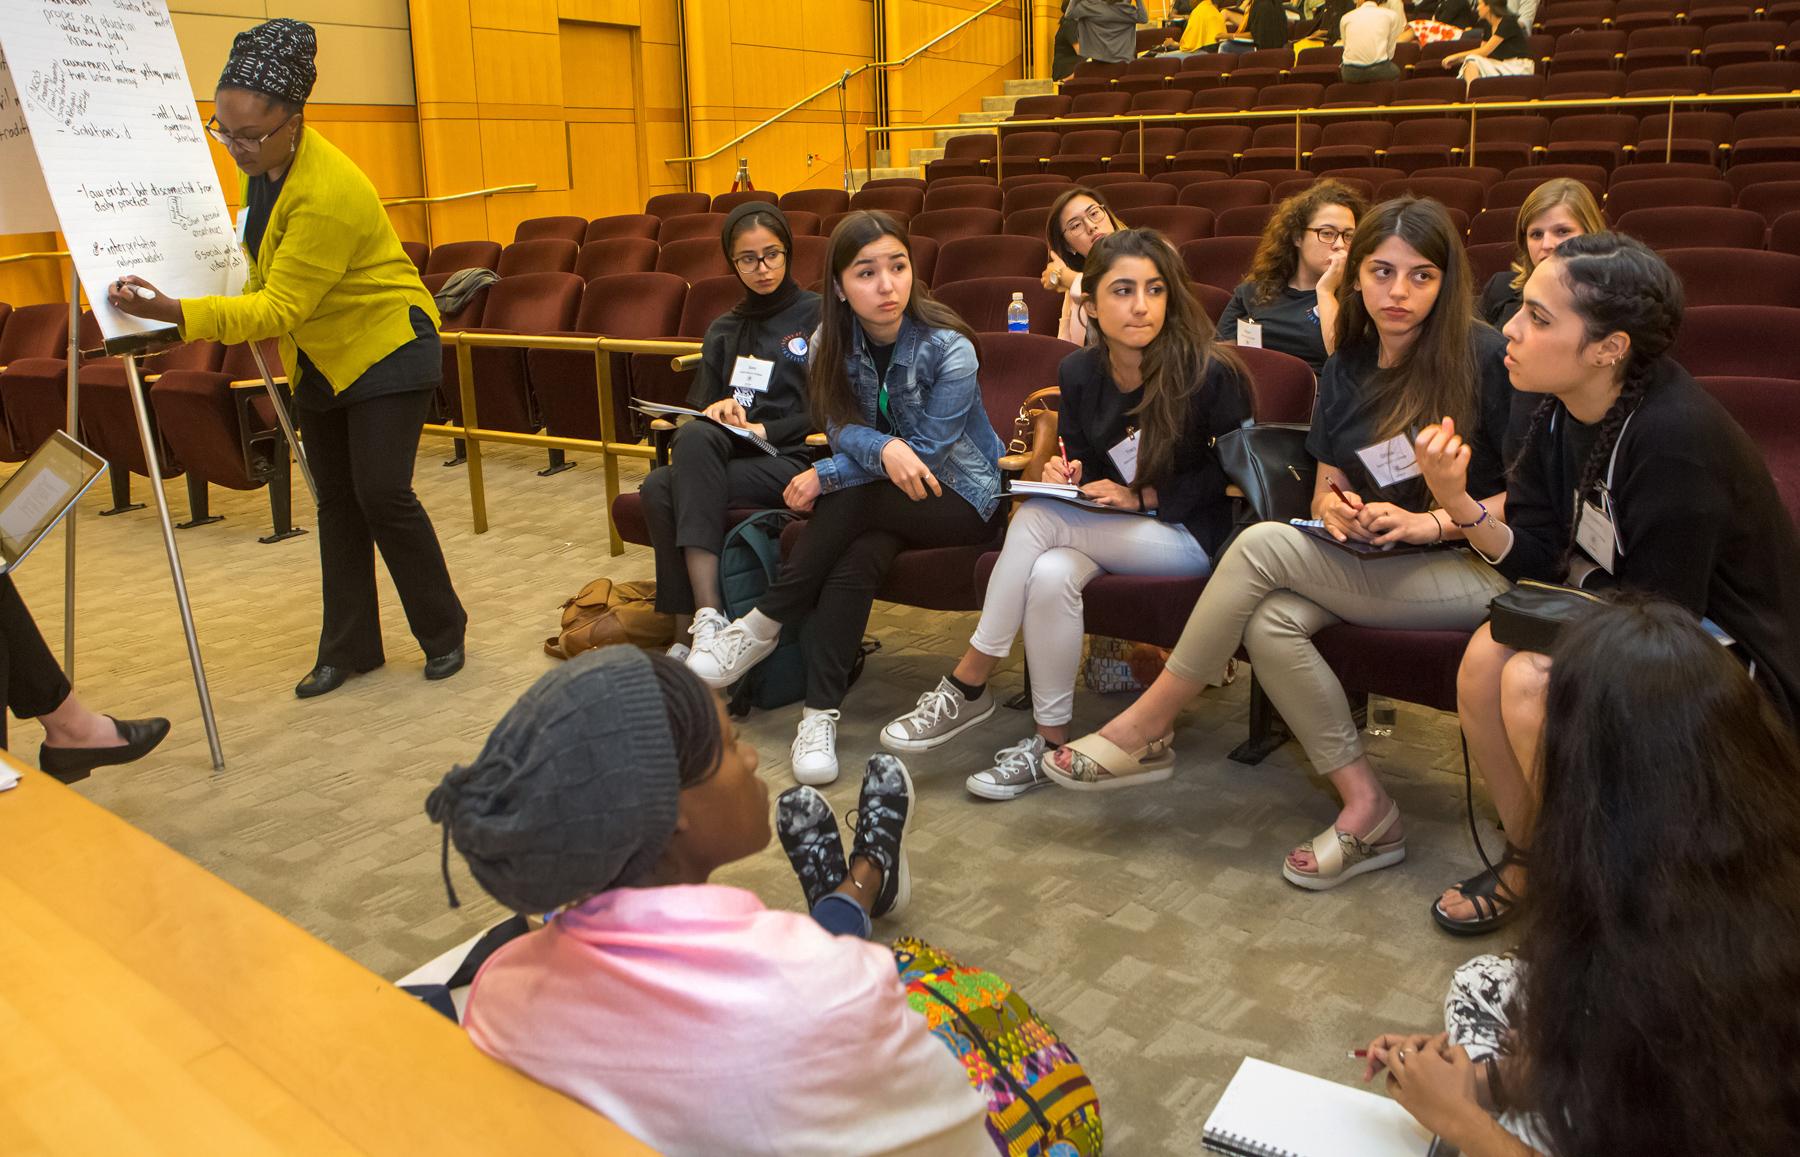 Mujer escribiendo notas en un cartel apoyado en un caballete mientras un grupo atiende a otra mujer (Depto. de Estado/D.A. Peterson)